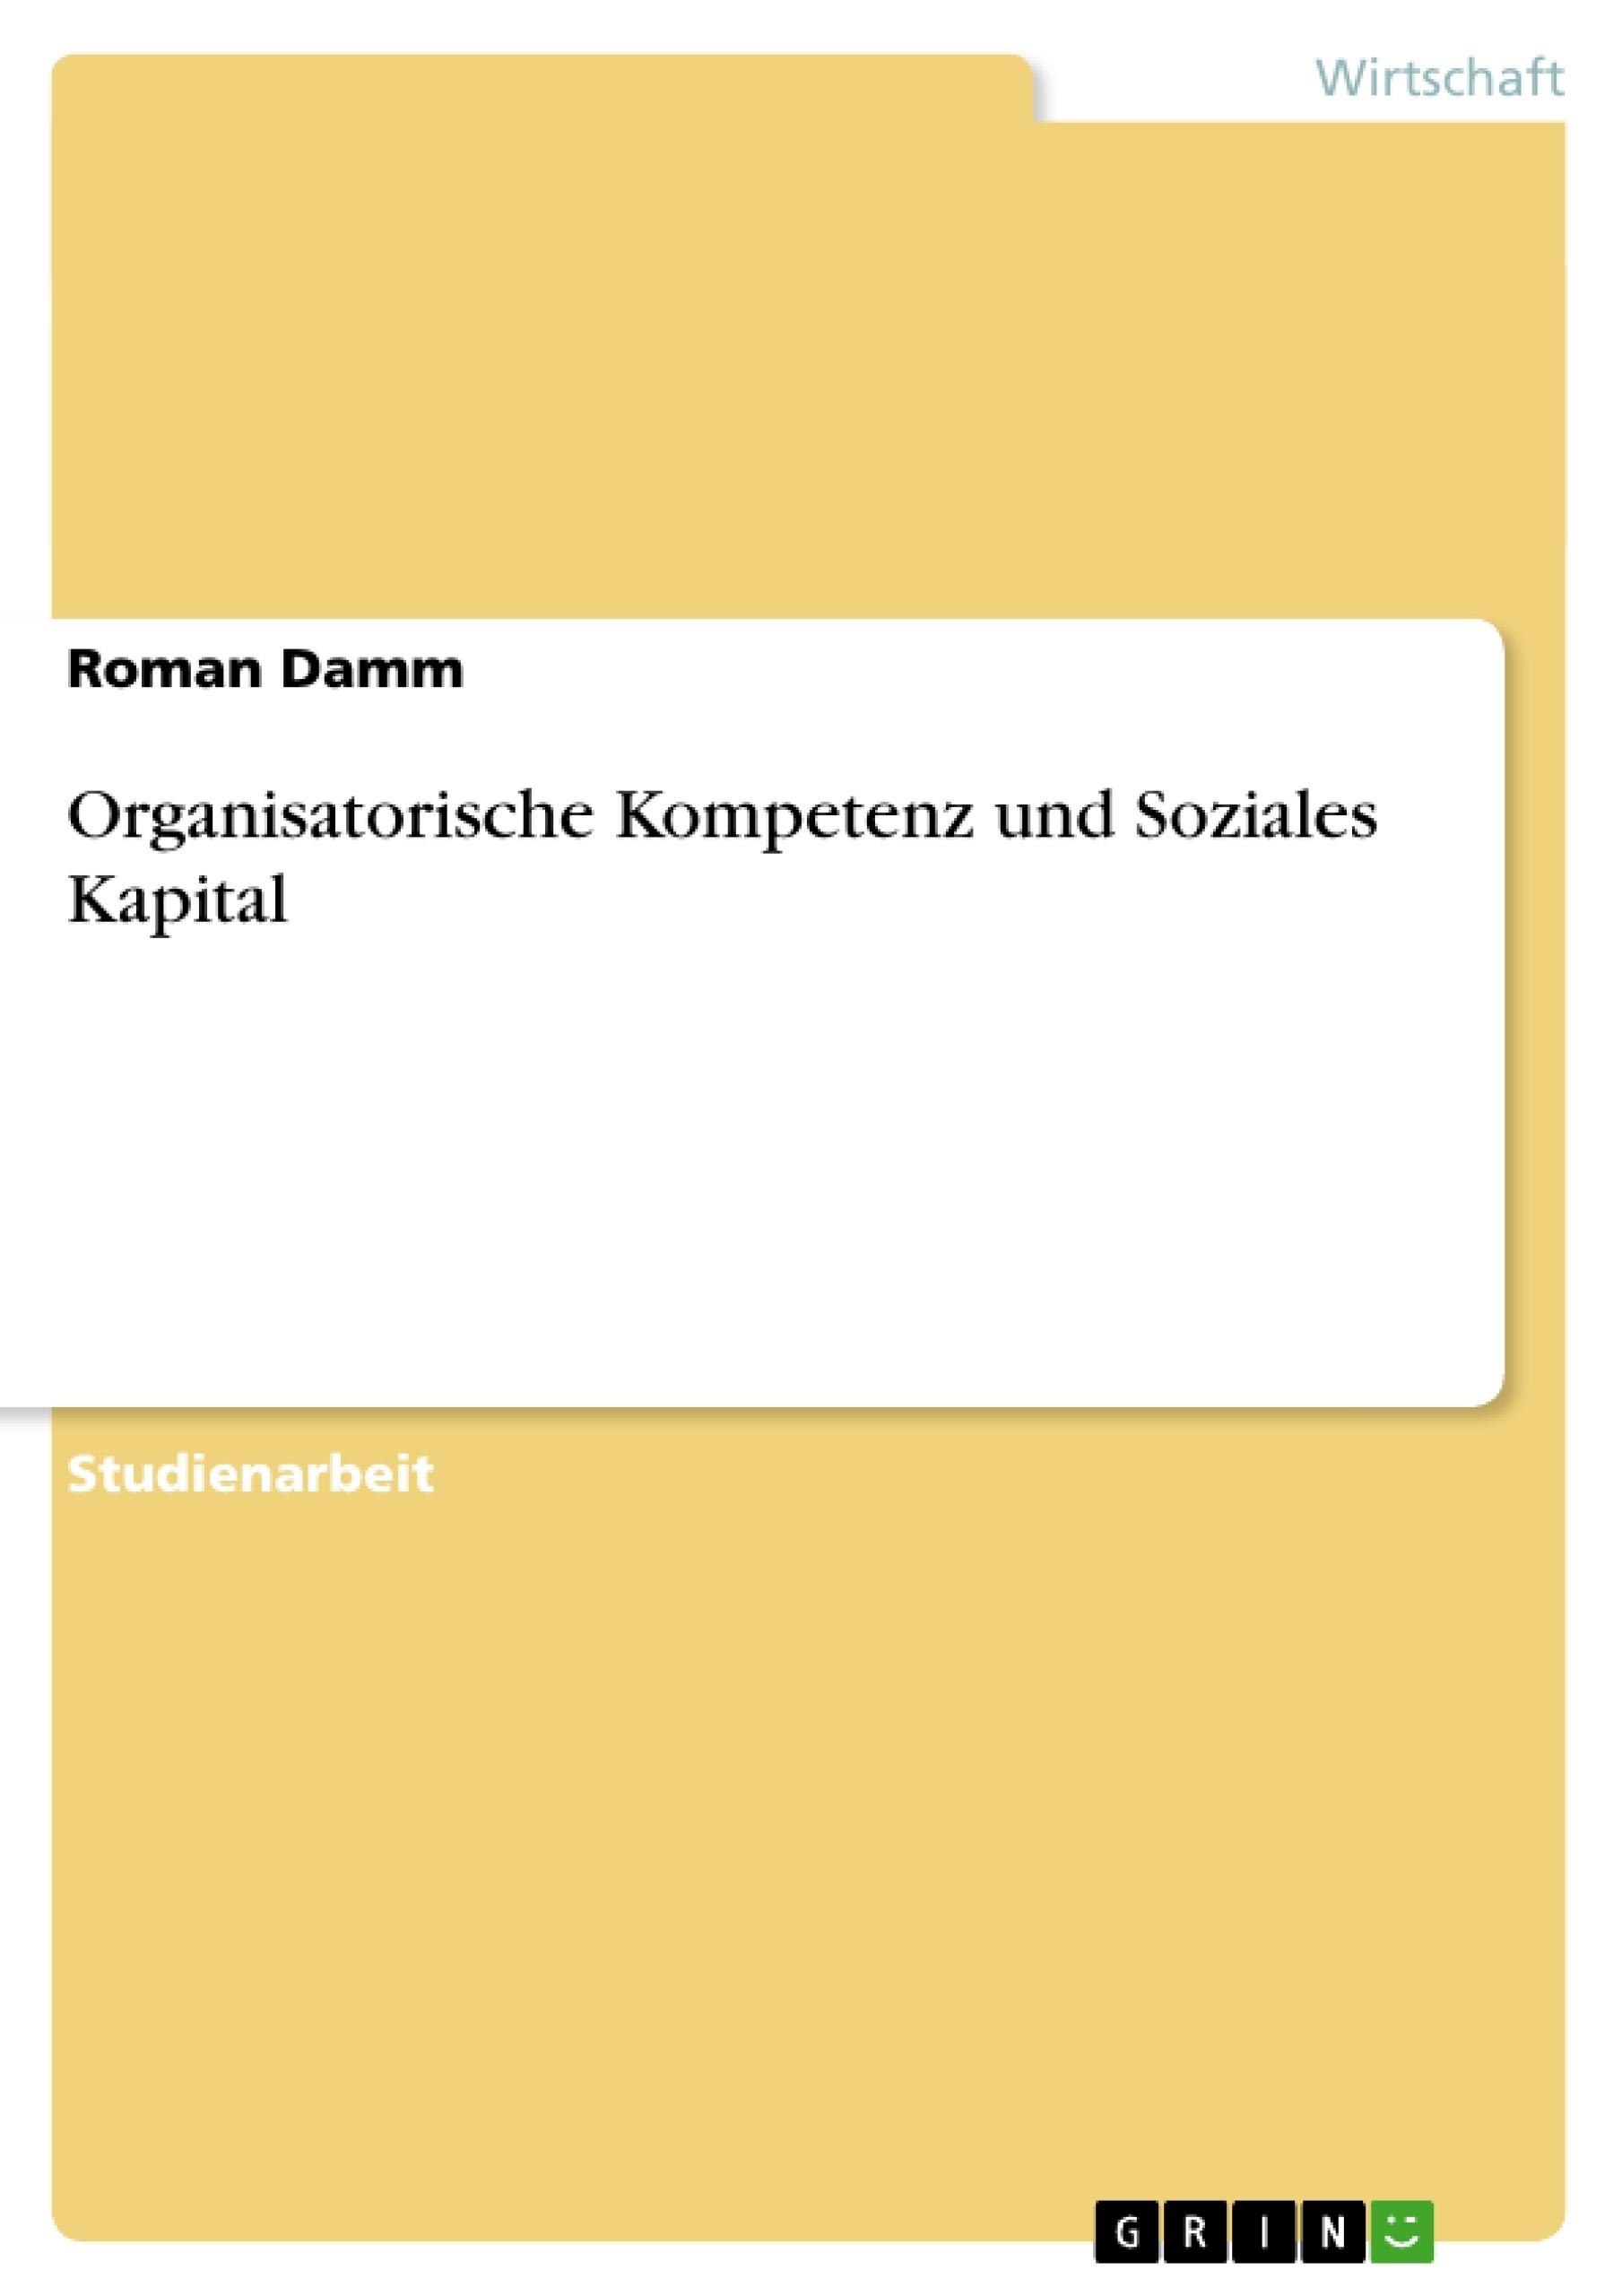 Titel: Organisatorische Kompetenz und Soziales Kapital